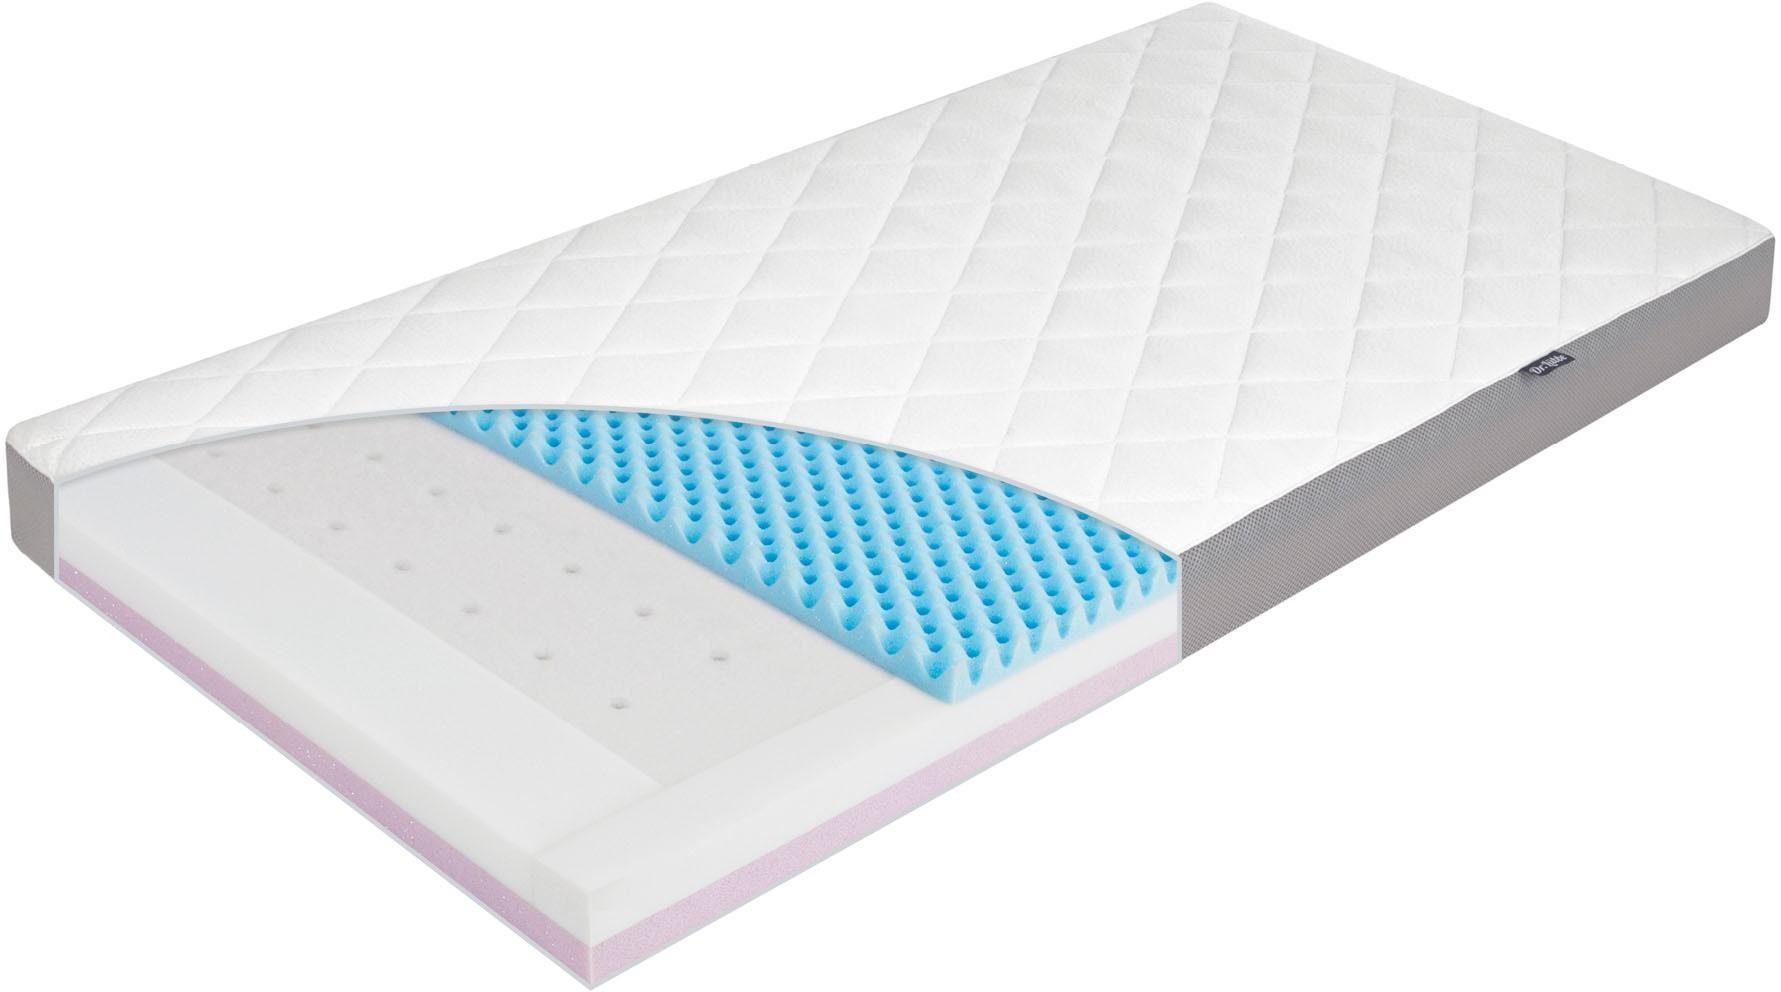 Matratze für babys kleinkinder dr lübbe air premium« zöllner